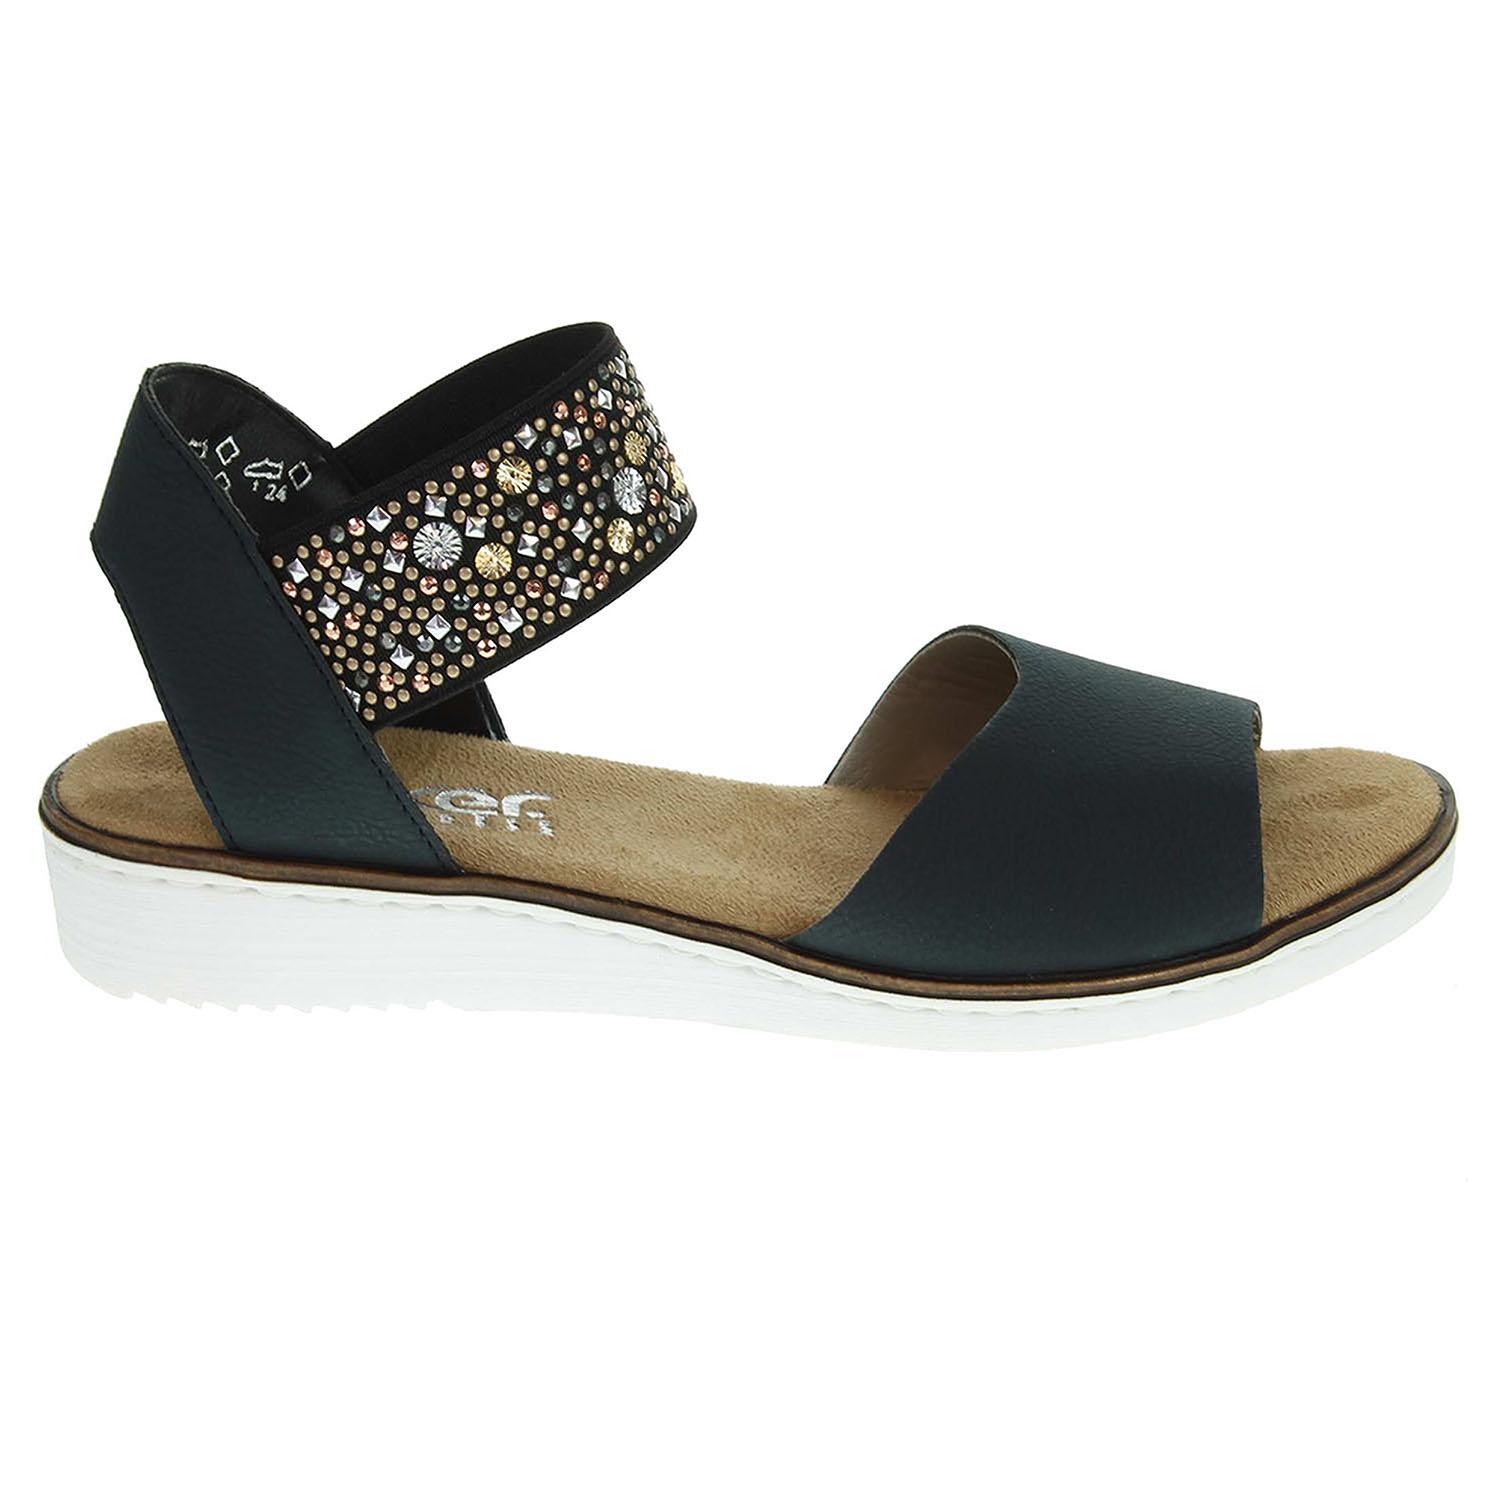 9d3e88c30bb6e Rieker dámské sandály 63678-14 modré | Rejnok obuv